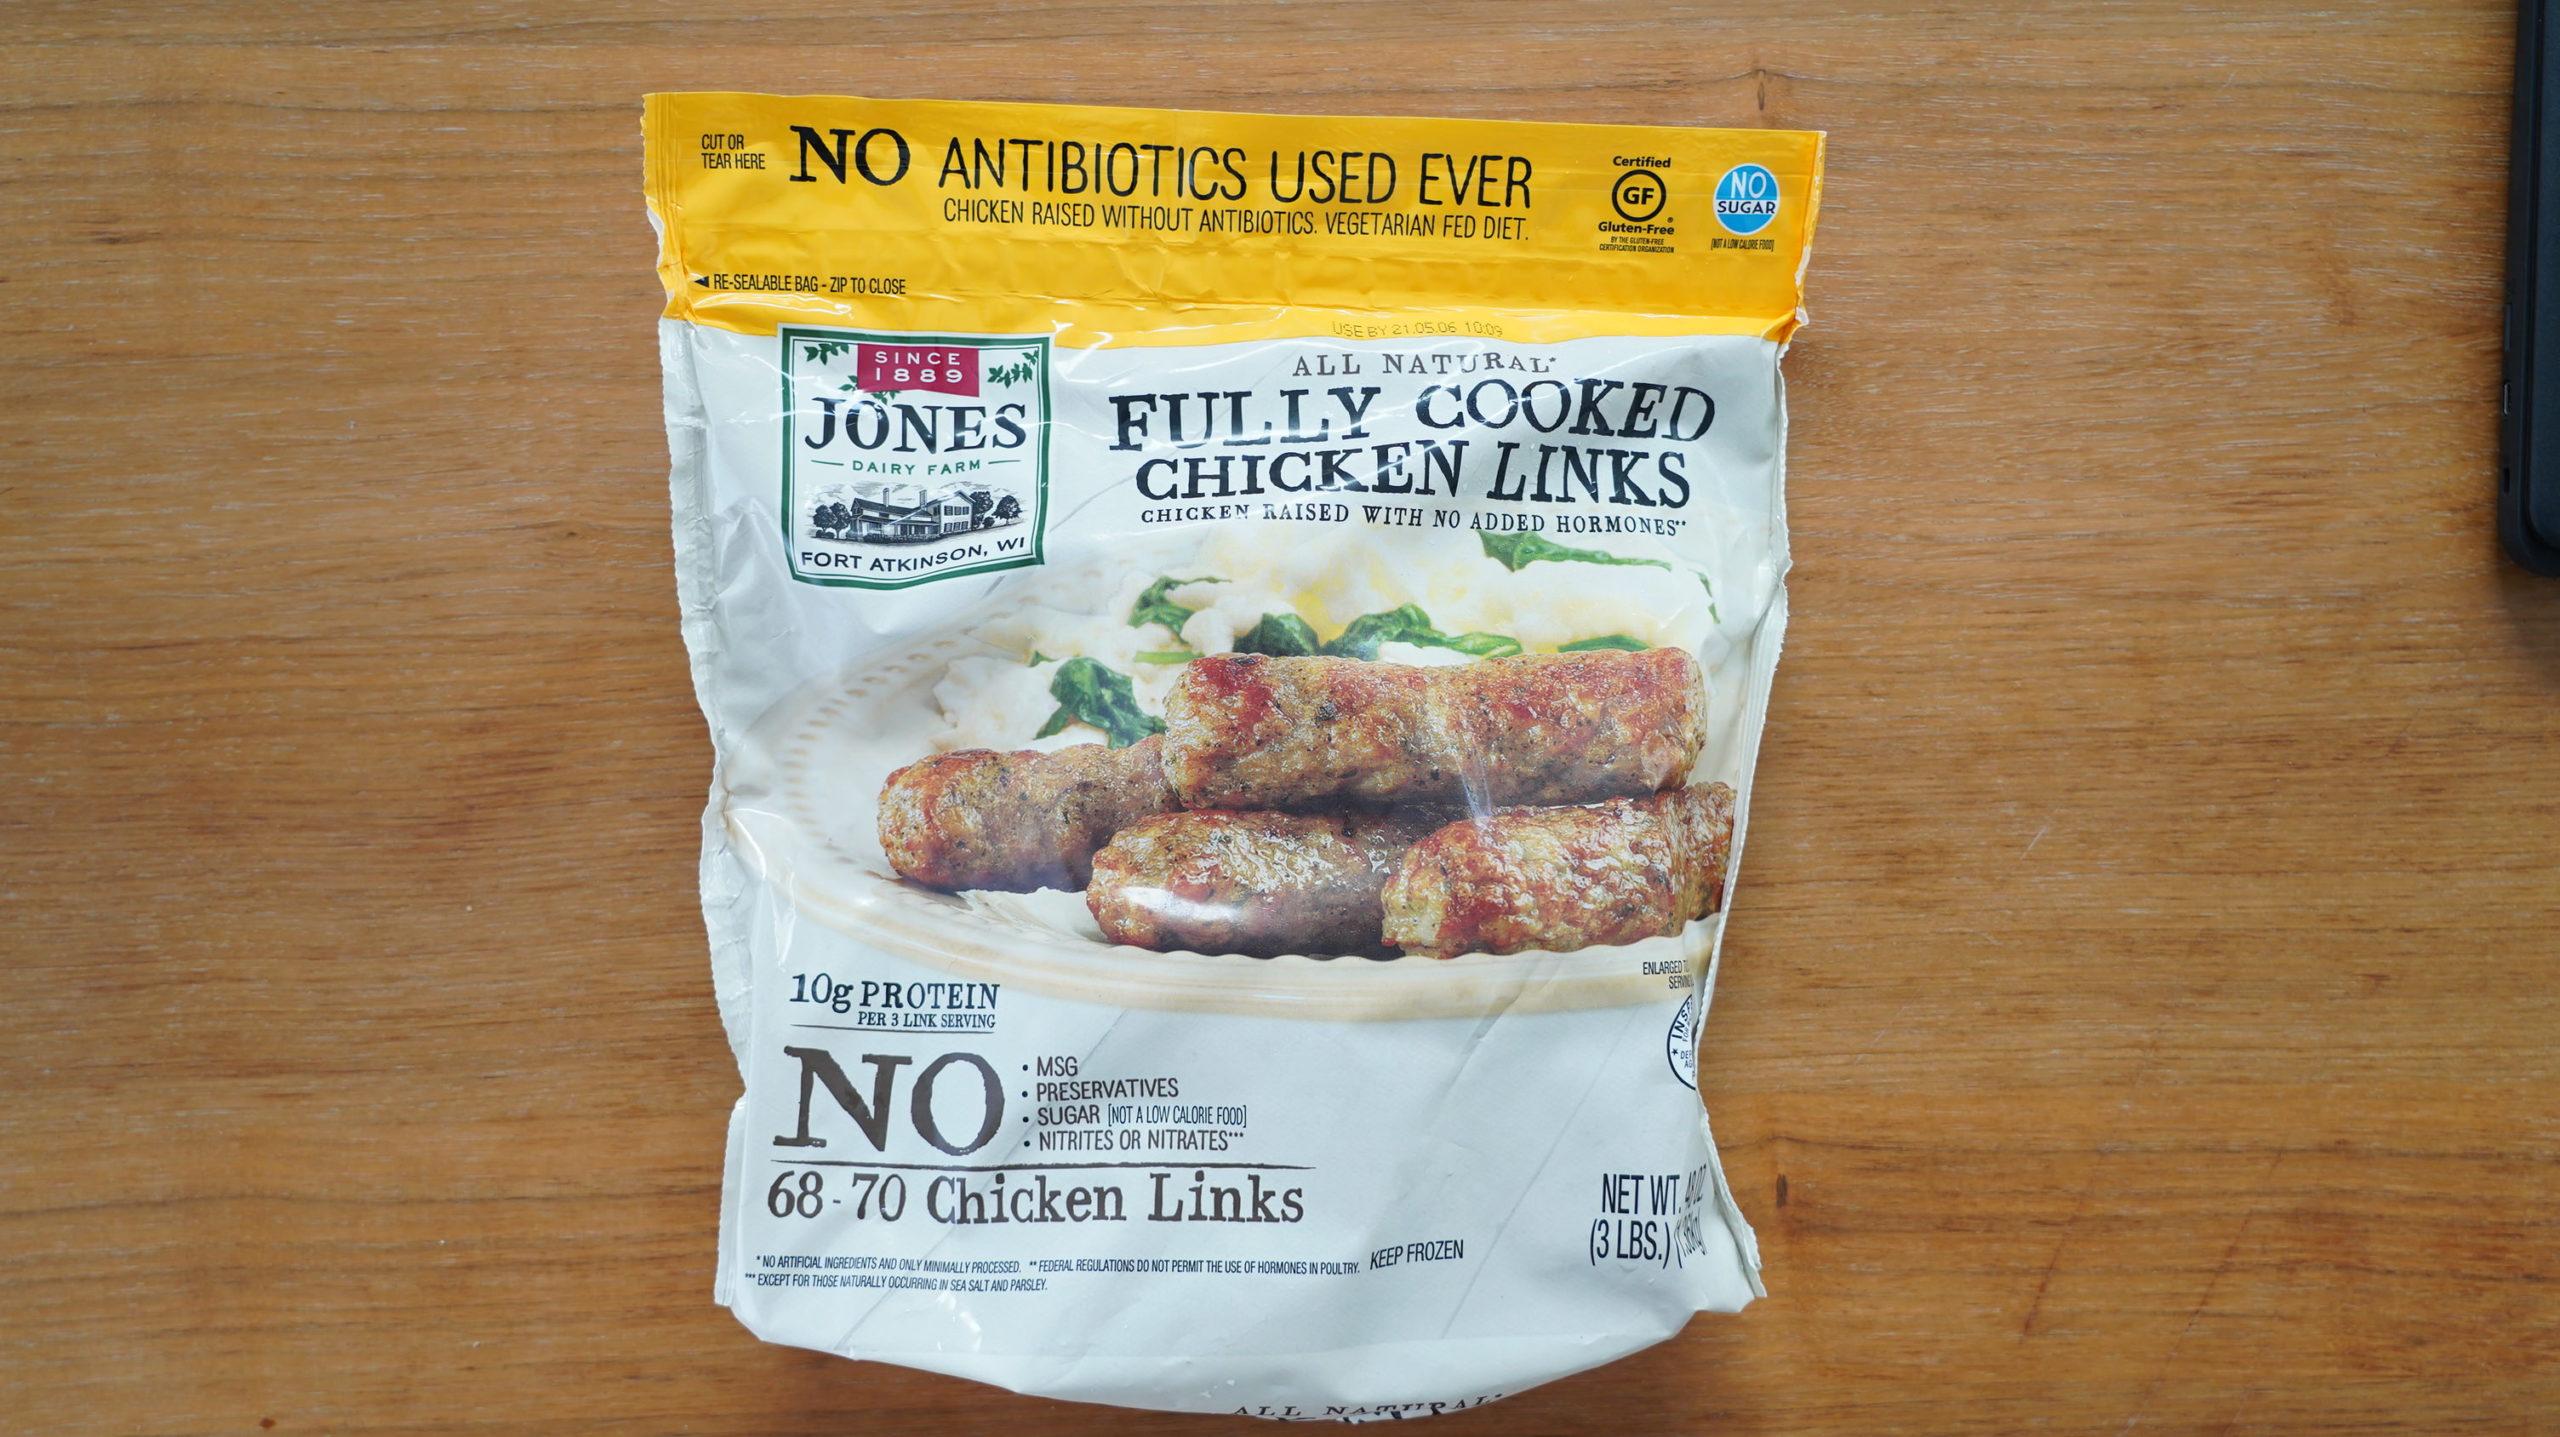 コストコのおすすめ冷凍食品「ジョーンズ デイリーファーム チキンリンクス」のパッケージ写真